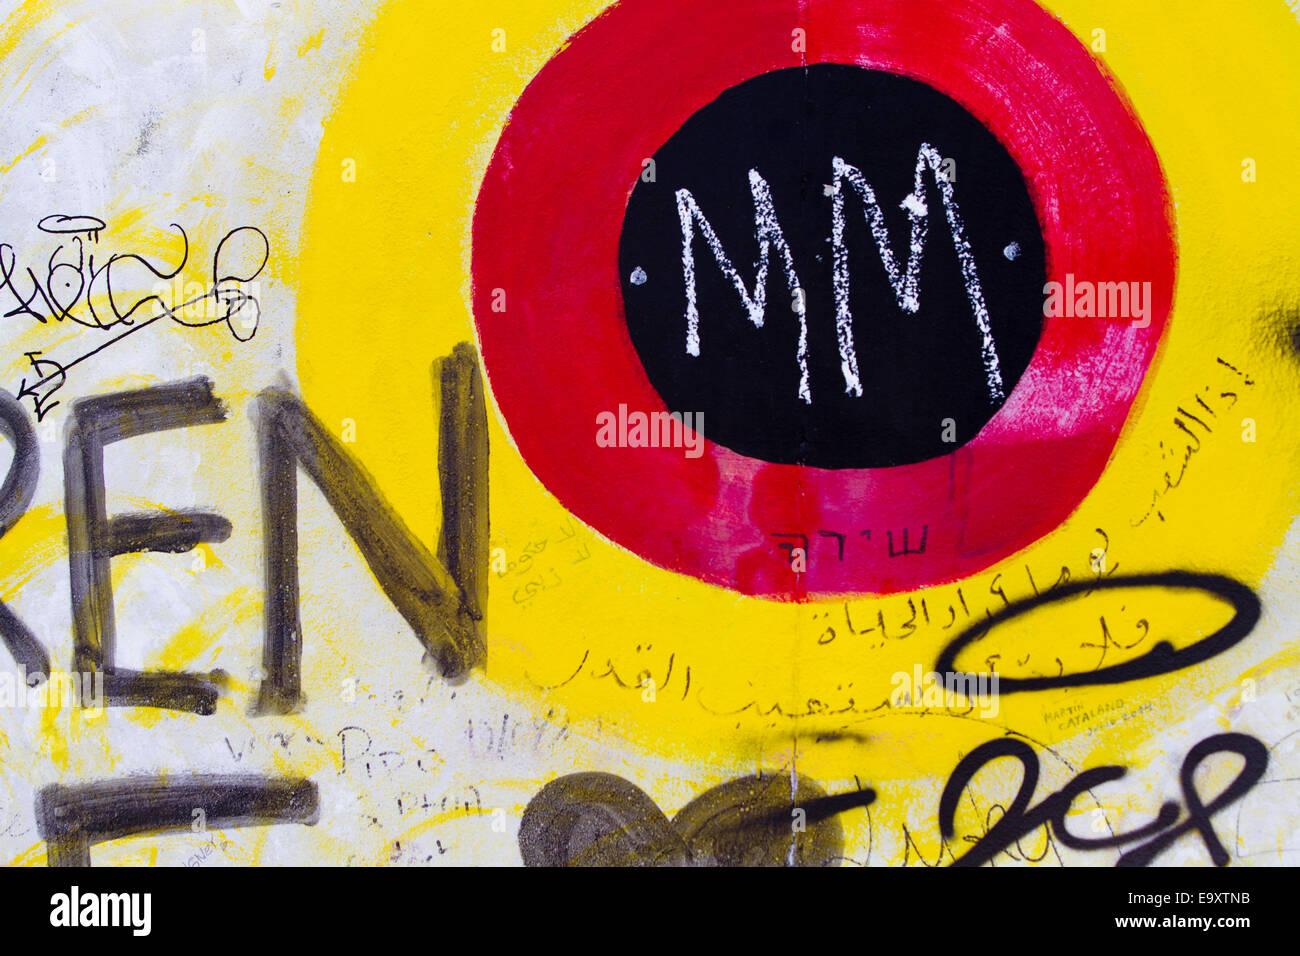 Berlin Wall Graffiti cartoon colourful target m m Stock Photo ...